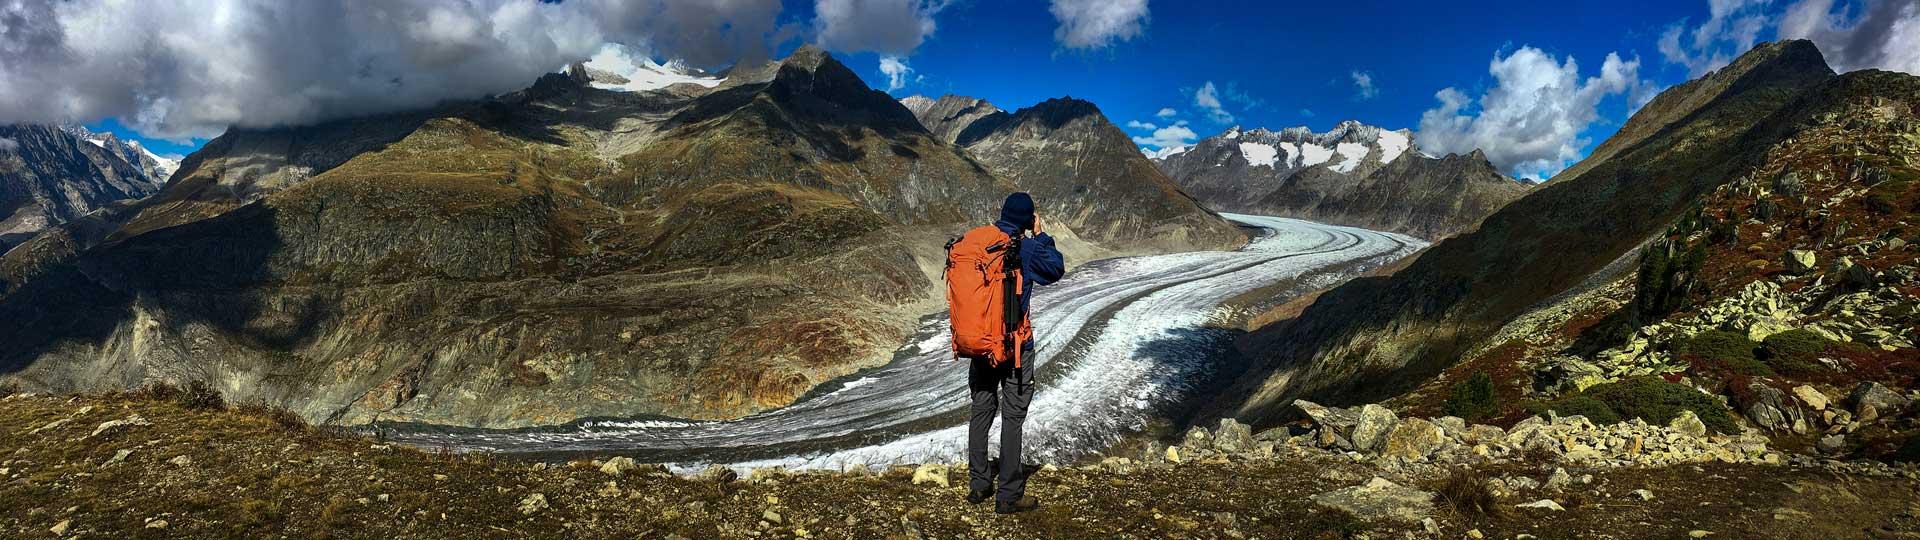 טיולי טבע הרפתקאות וצילום - Wild Travel